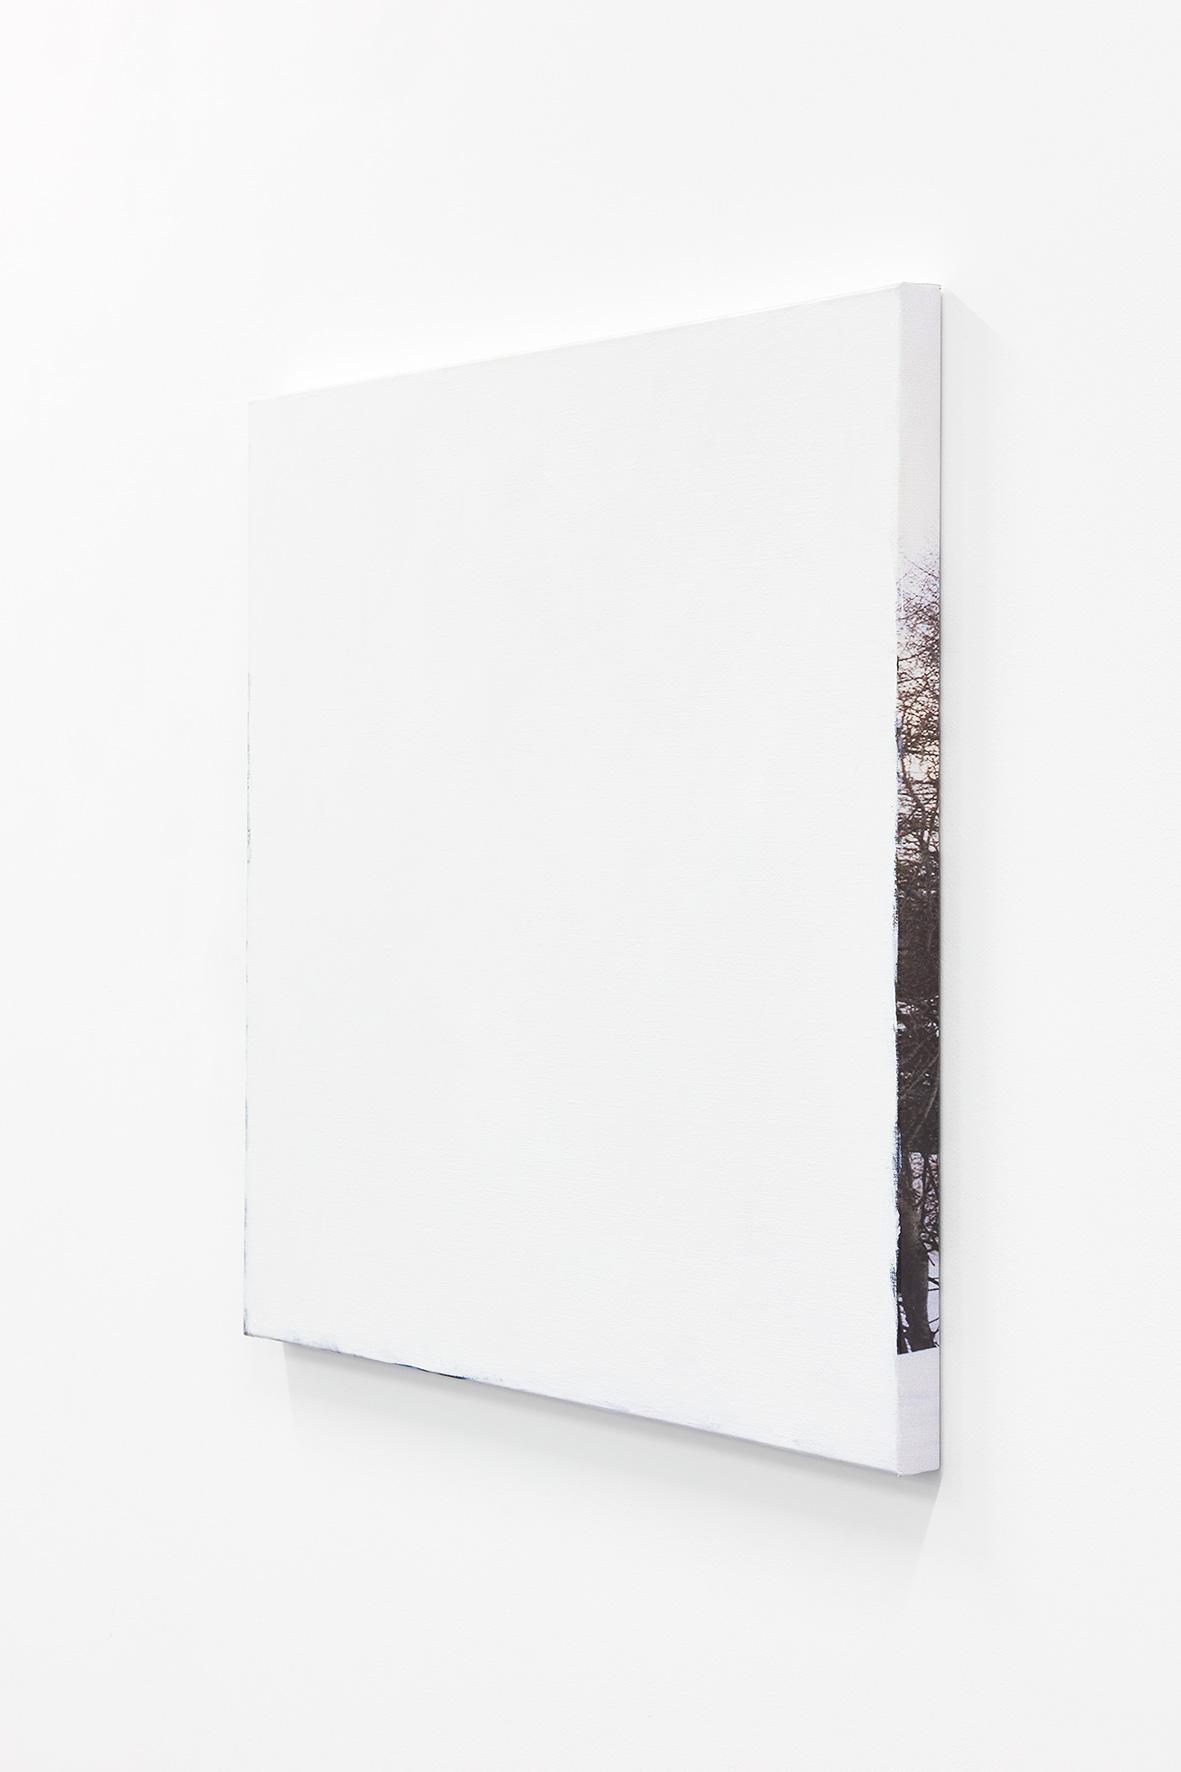 Ger van Elk_Conclusion_2012_Markus Luettgen Gallery_Detail_1